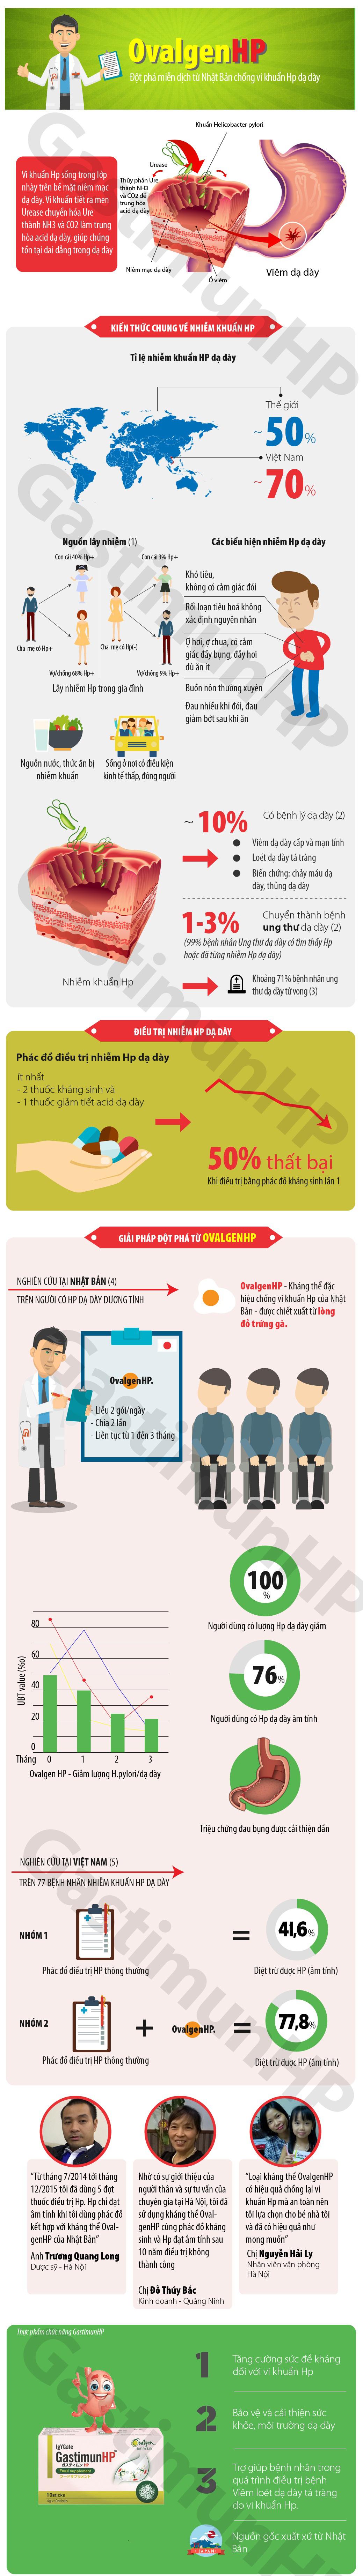 Infographic – Vi khuẩn Hp dạ dày, hậu quả và giải pháp điều trị 1